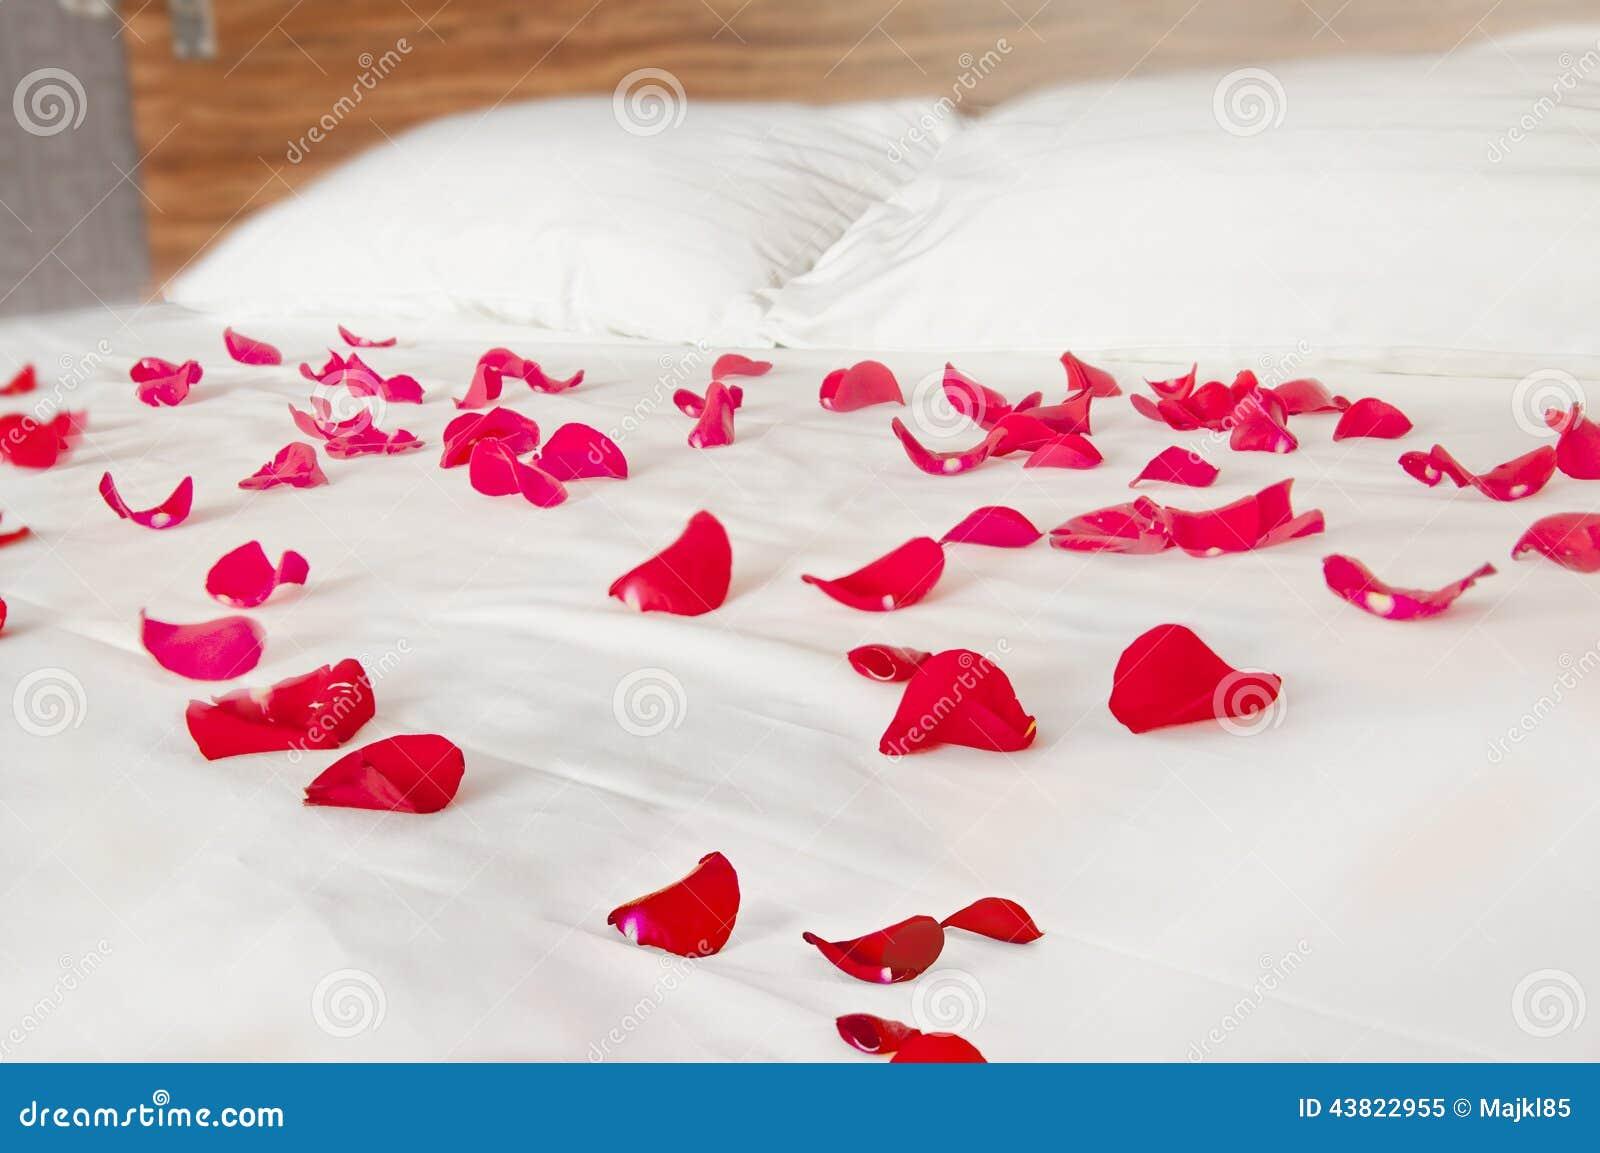 Romantic bedroom rose petals - Bedding Bedroom Petals Romantic Rose